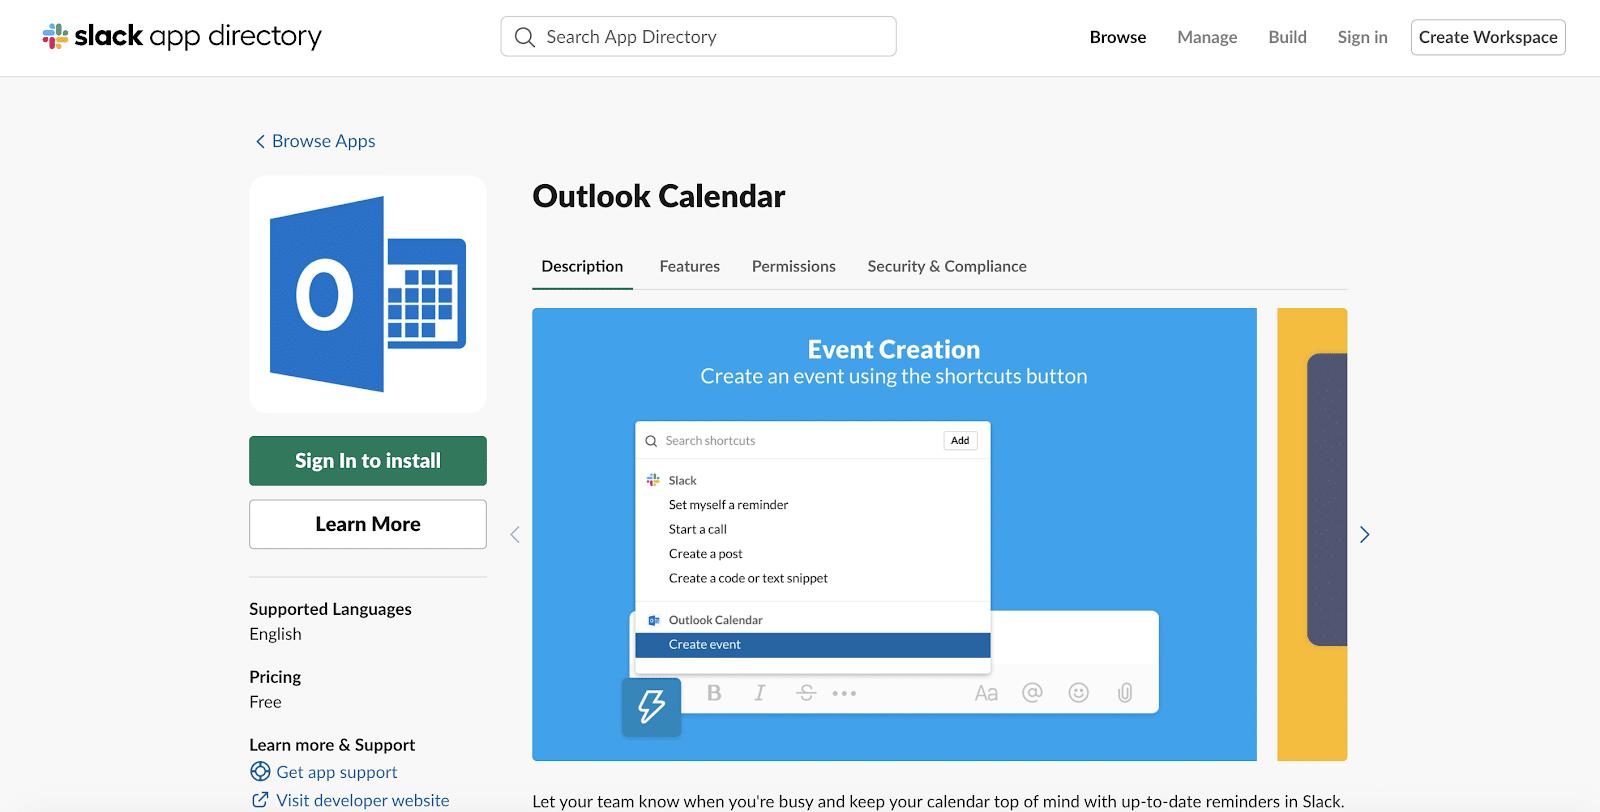 Outlook Calendarfor Slack